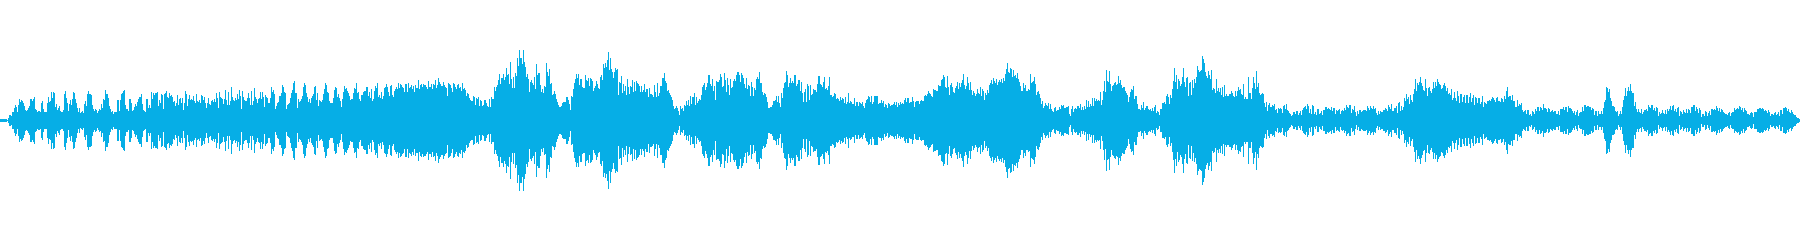 1981ヤマハマキシム:開始、改訂の再生済みの波形